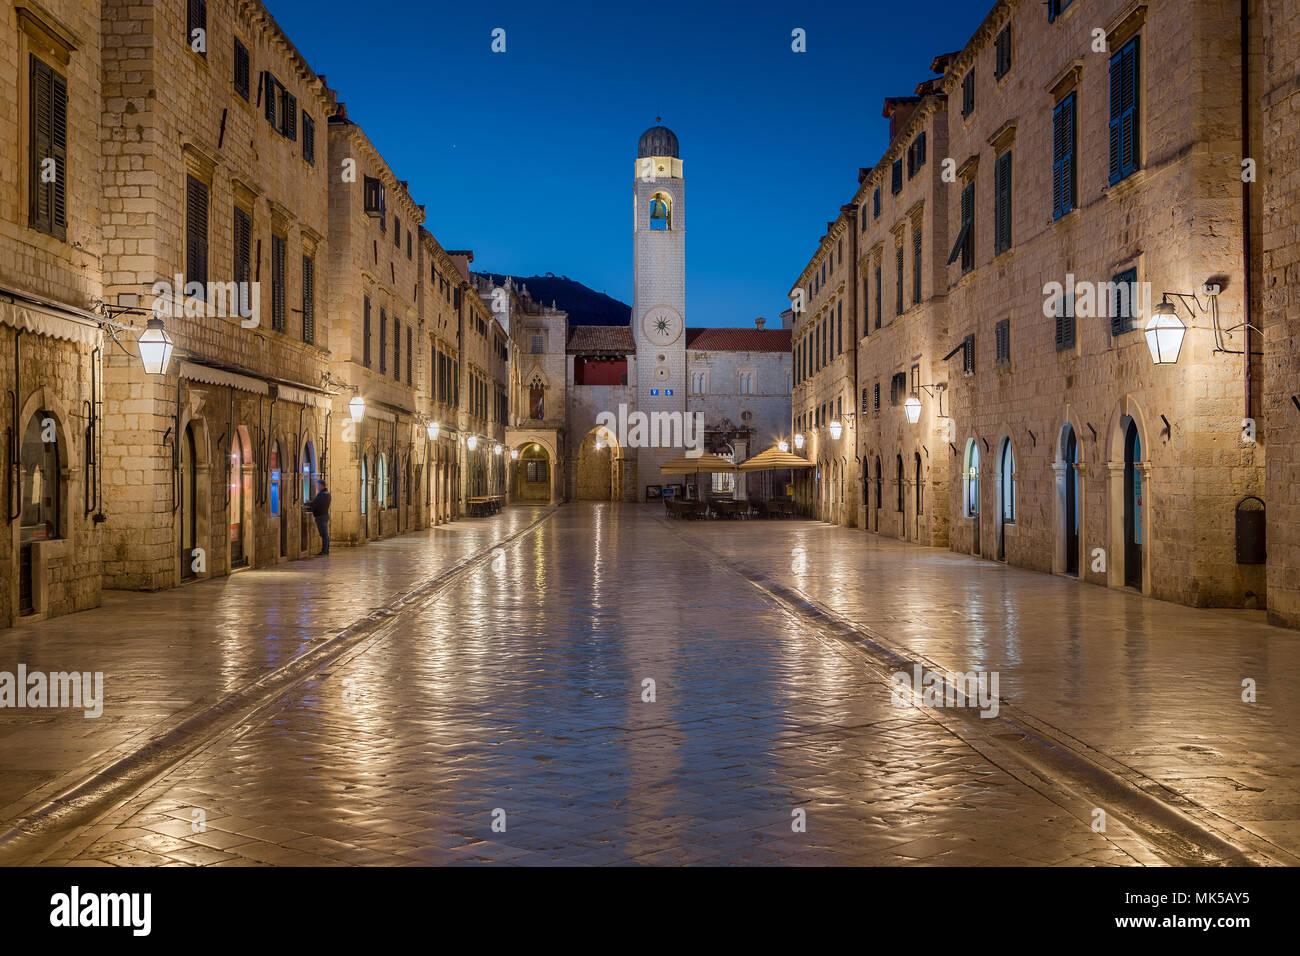 Classic vue panoramique de Stradun célèbre, la rue principale de la vieille ville de Dubrovnik, dans un beau matin avant le lever du soleil à l'aube au crépuscule en été Photo Stock